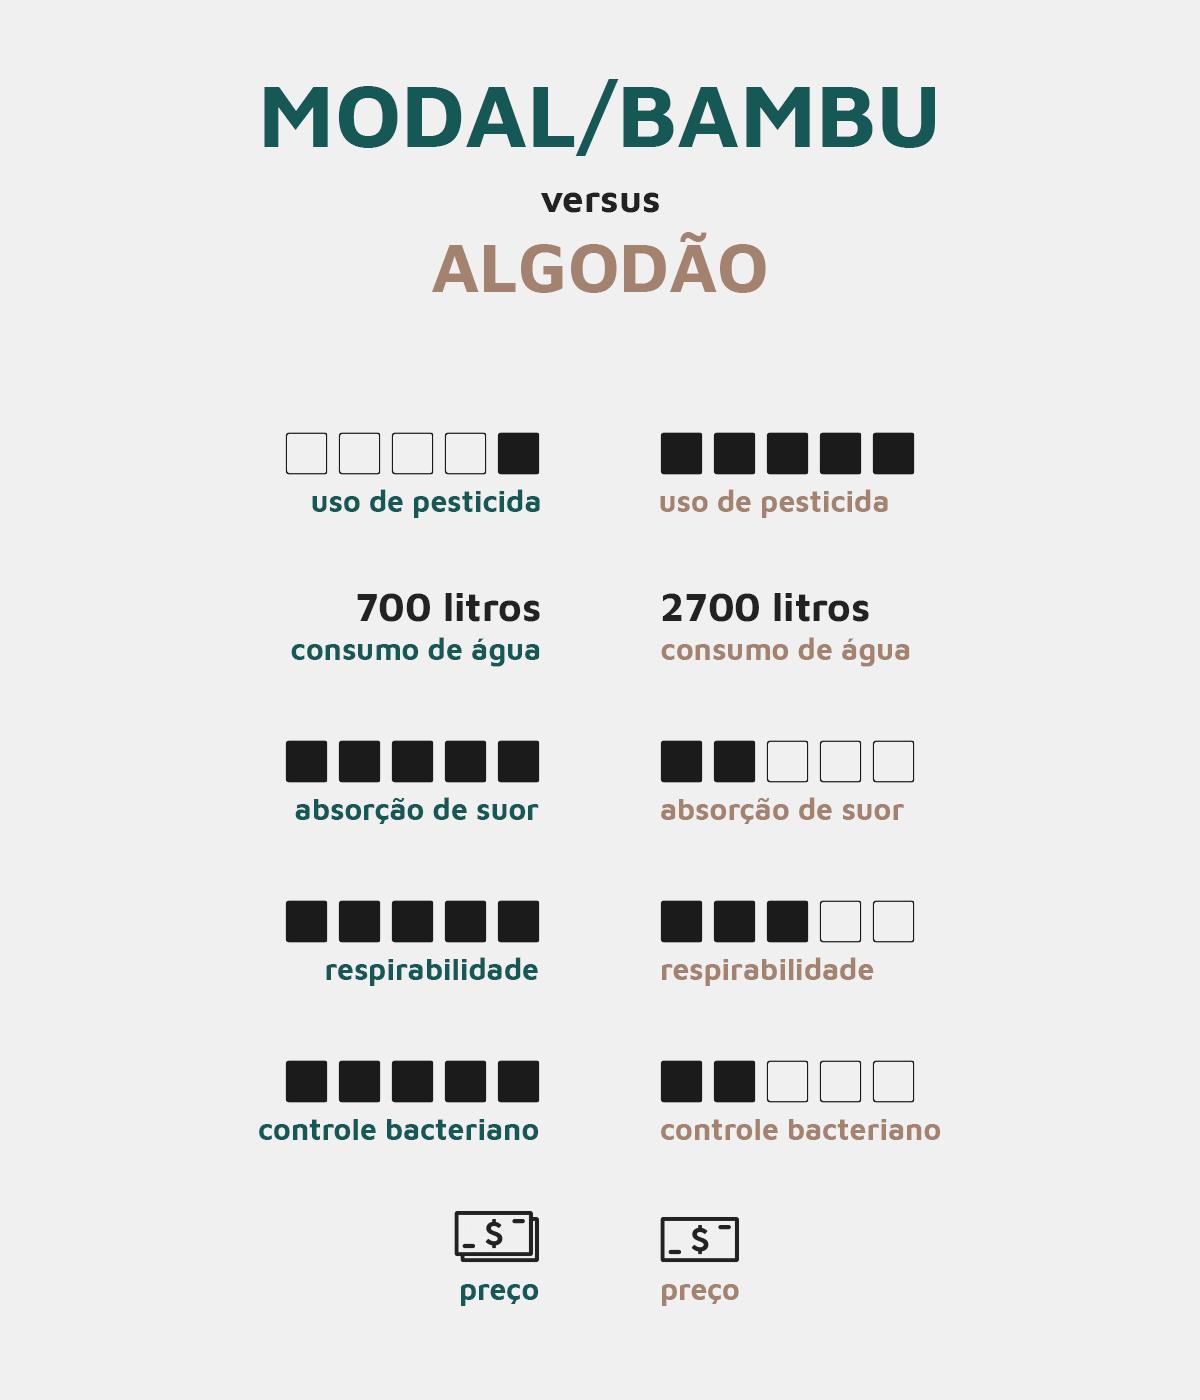 como-é-produzida-a-fibra-de-bambu-e-o-modal-vantagens